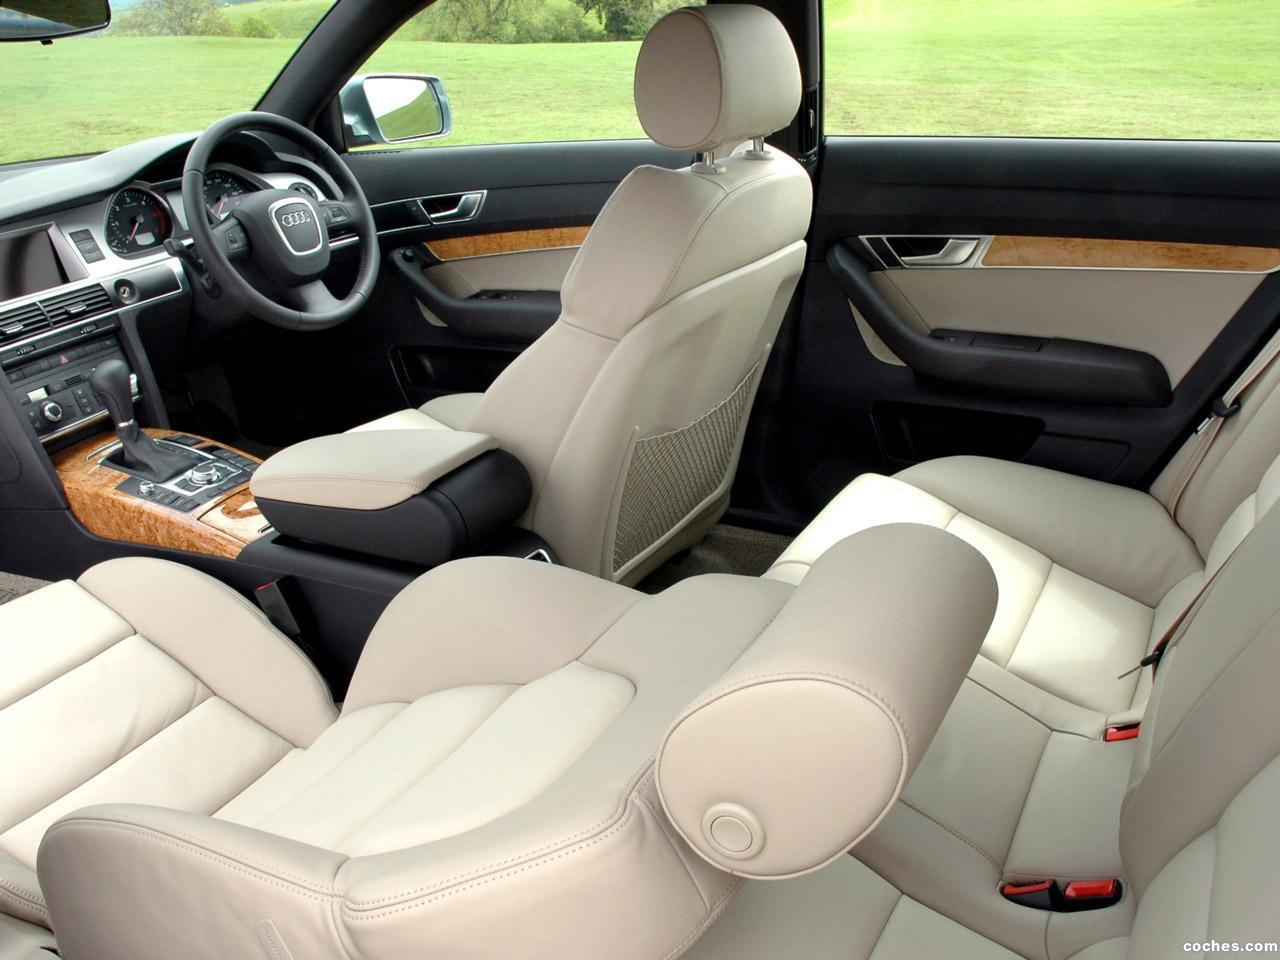 Foto 11 de Audi A6 Allroad 2.7 TDI Quattro UK 2008